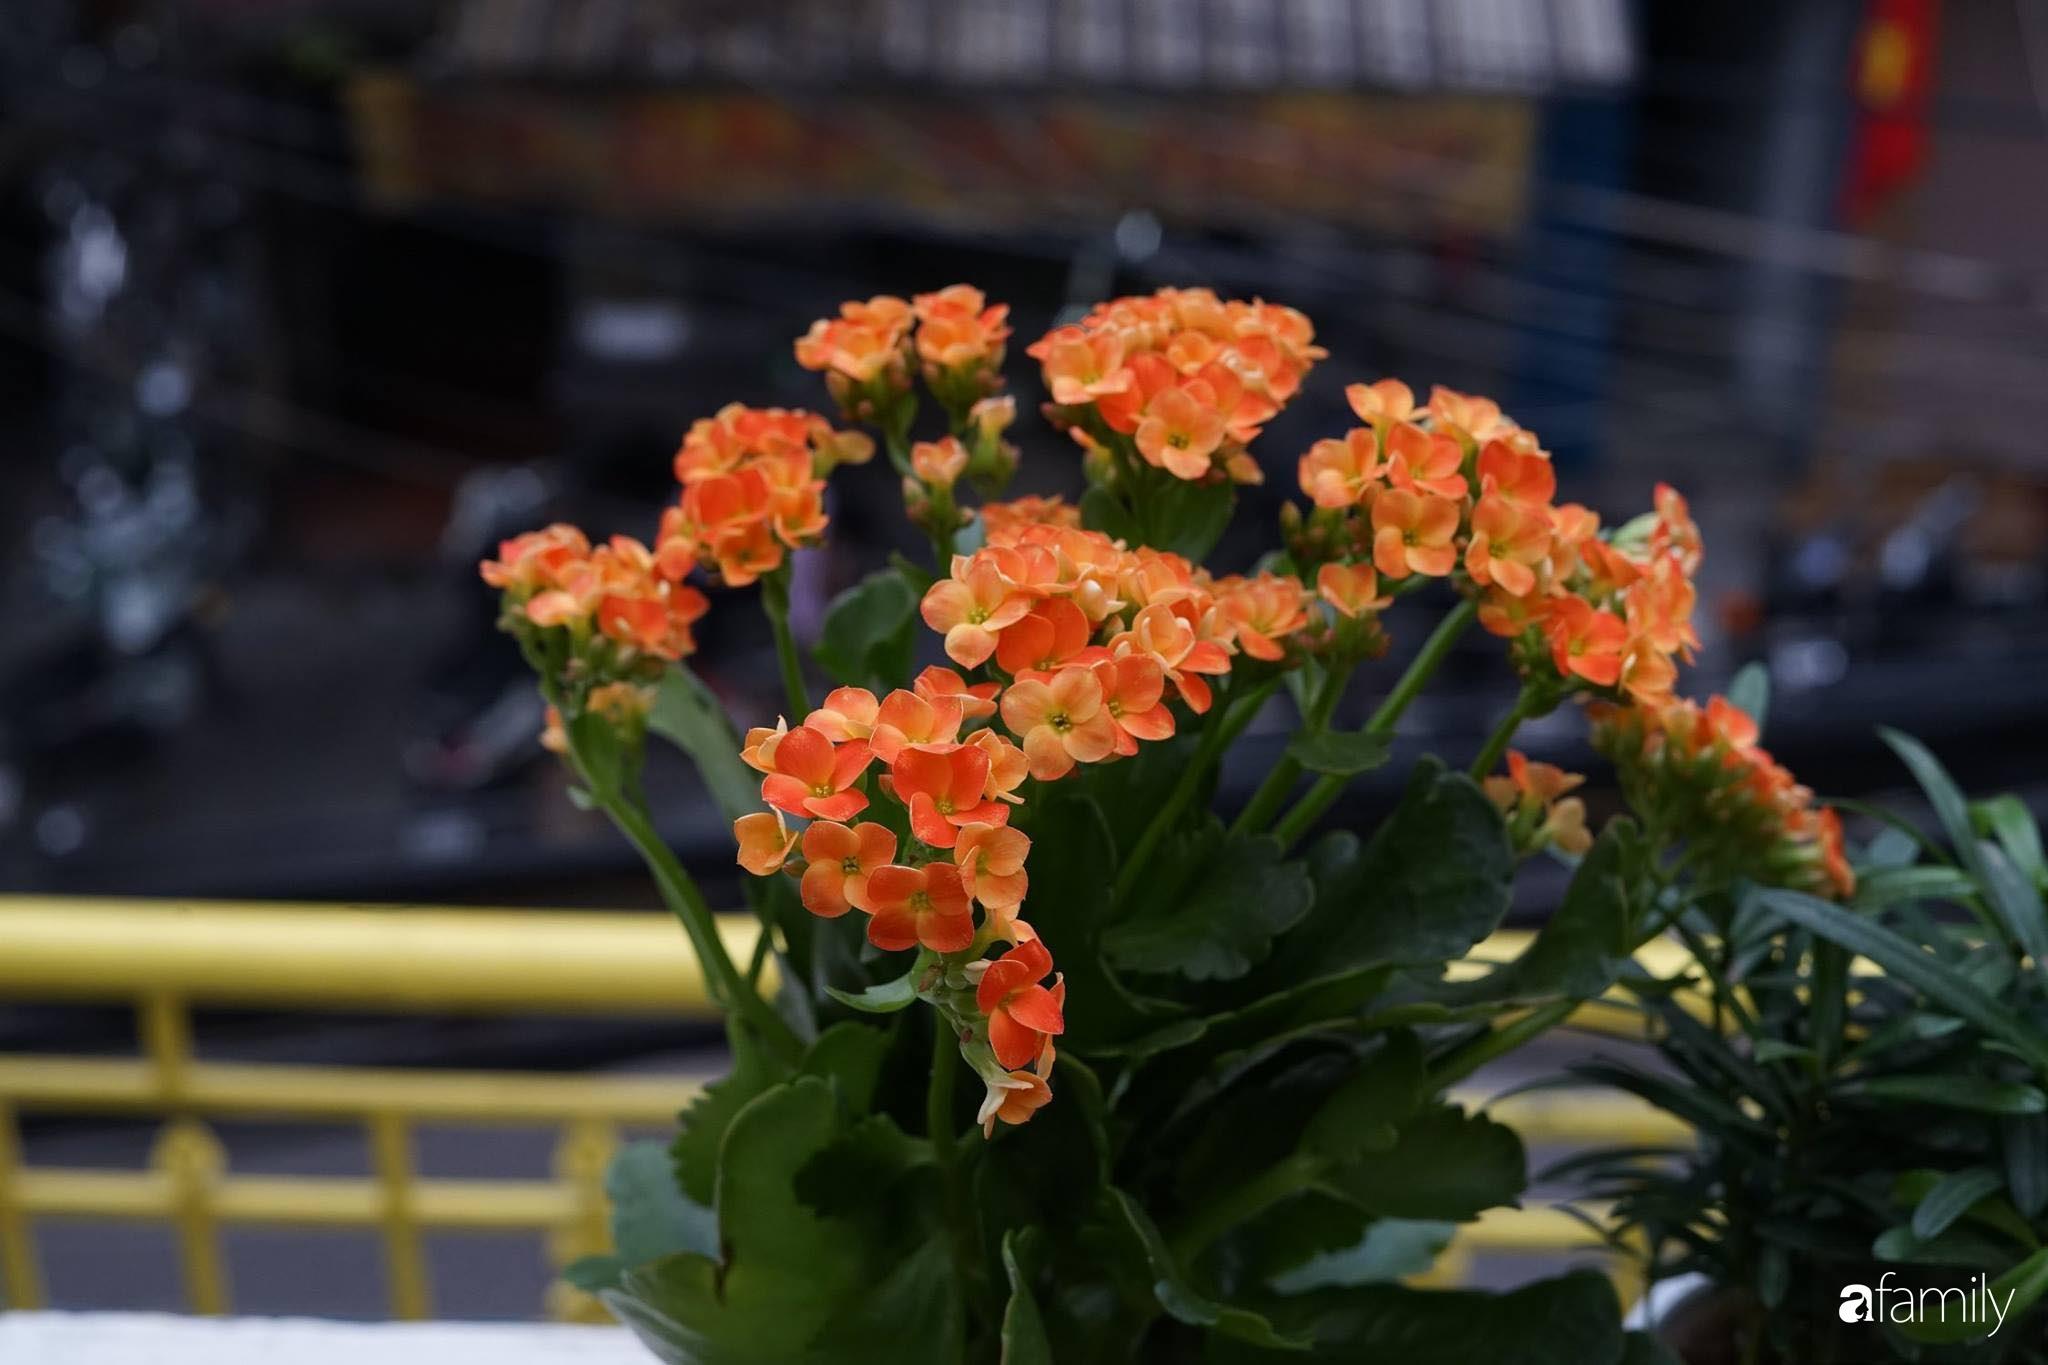 Căn hộ tập thể vàng ươm sắc nắng đẹp mang vẻ hoài cổ ấn tượng ở quận Hoàn Kiếm, Hà Nội - Ảnh 13.